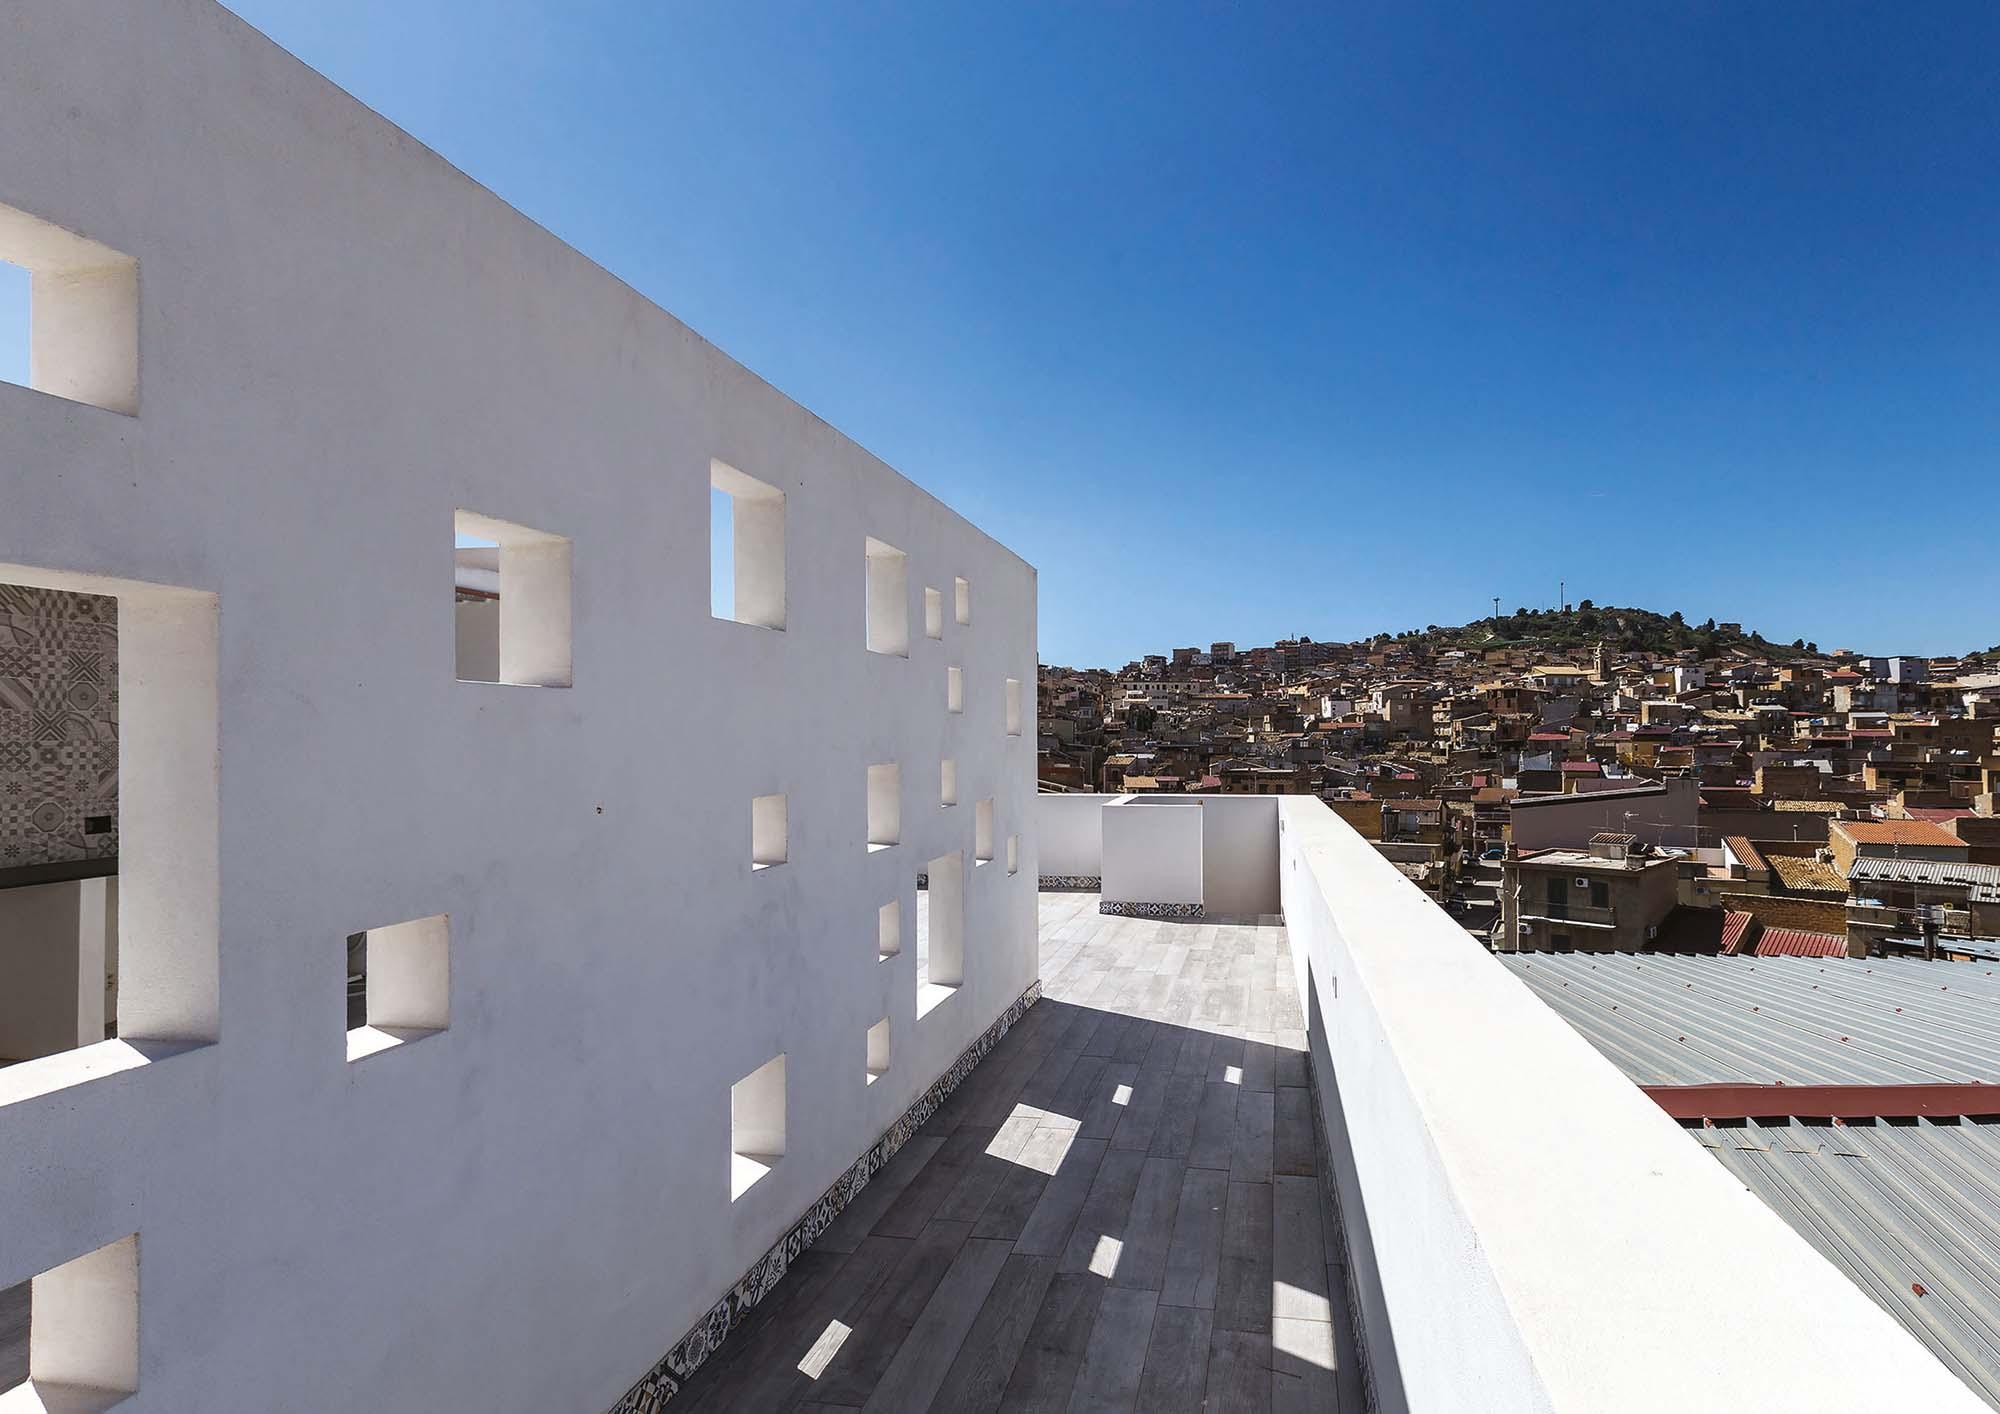 L'edificio in relazione con la città, solarium – The building in relation to the city, solarium